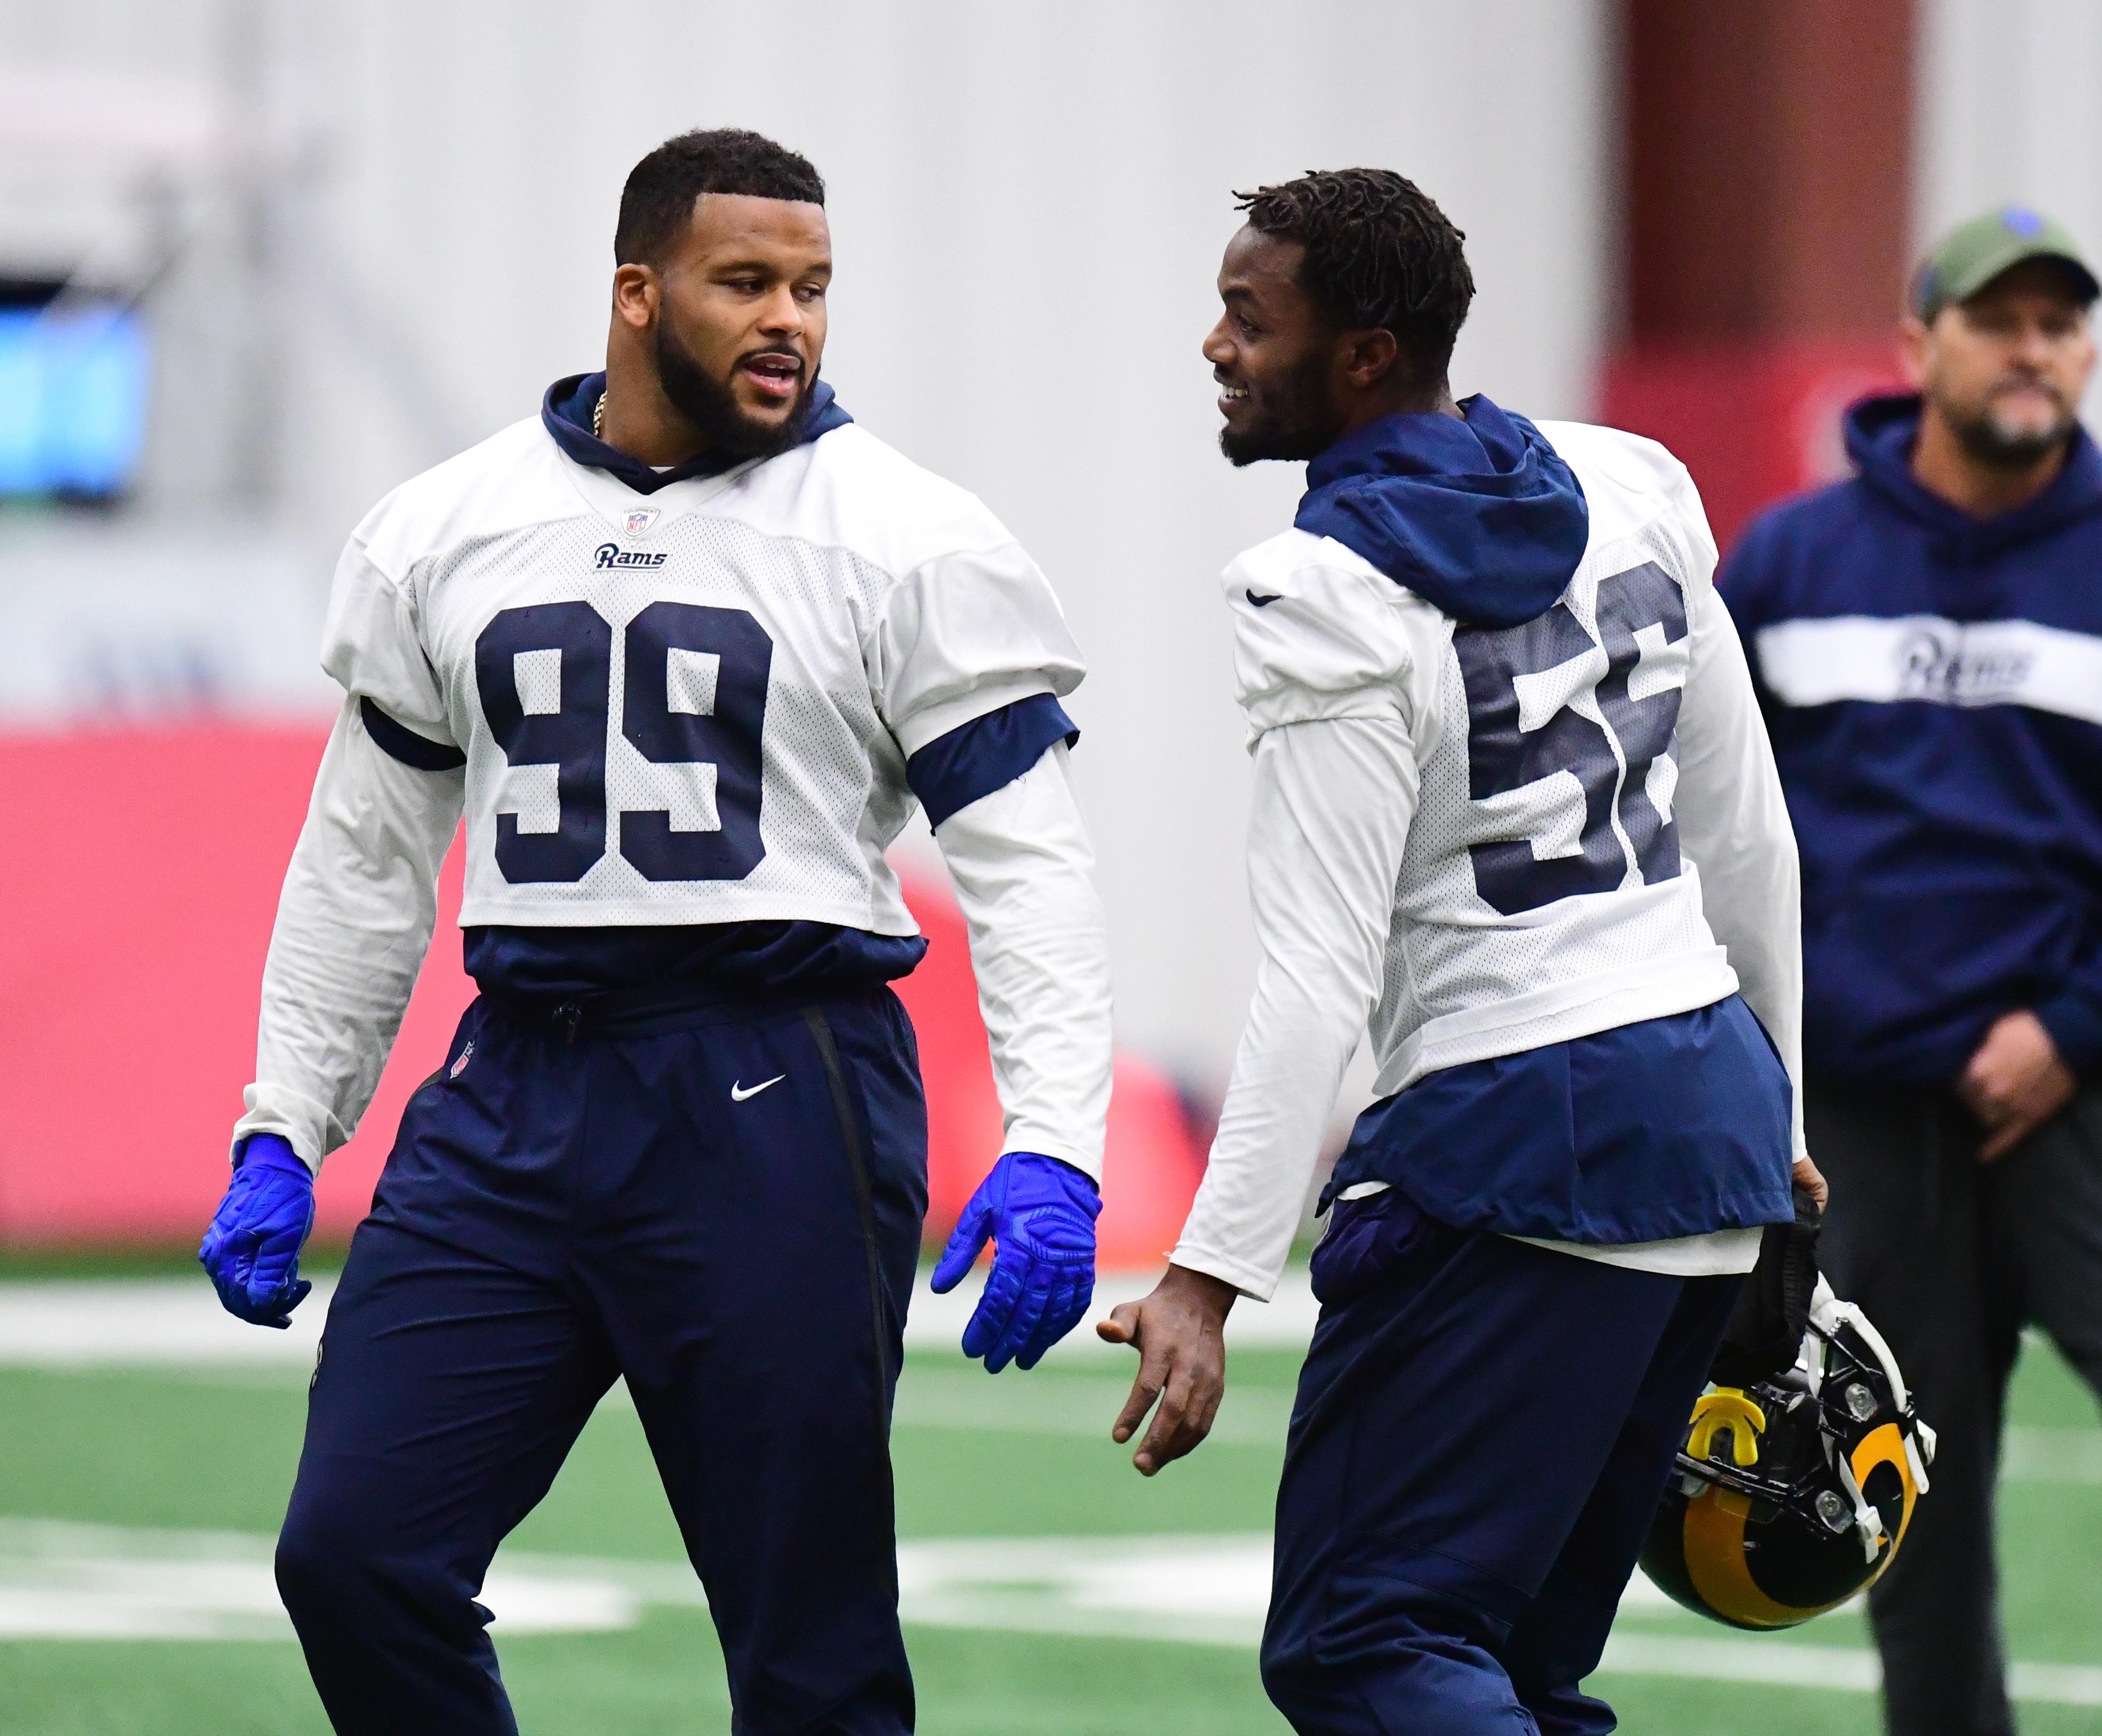 Super Bowl LIII - Los Angeles Rams Practice